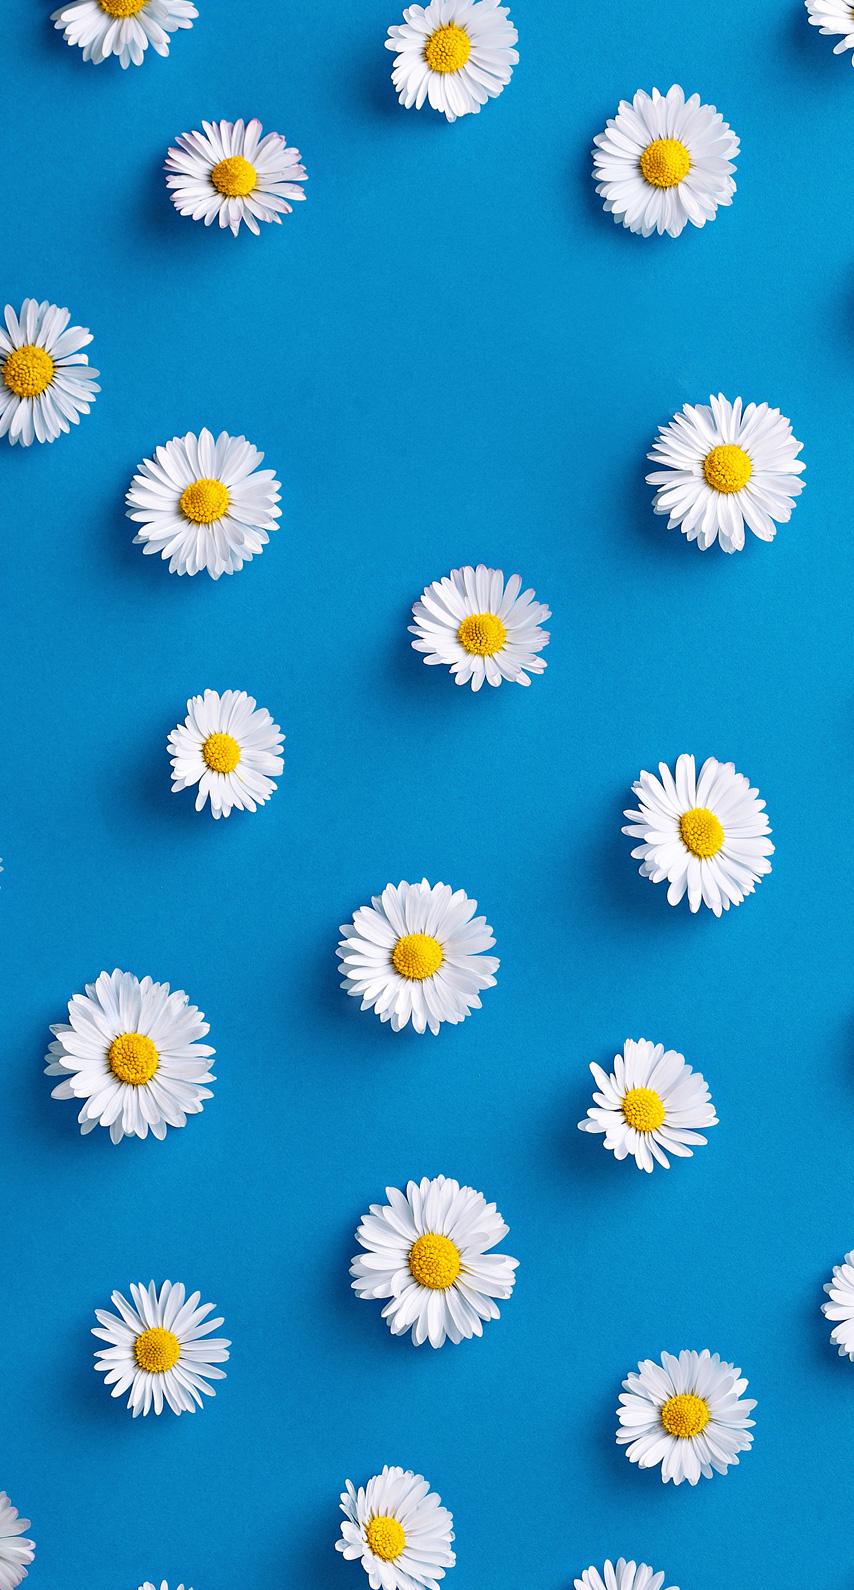 daisy family, oxeye daisy